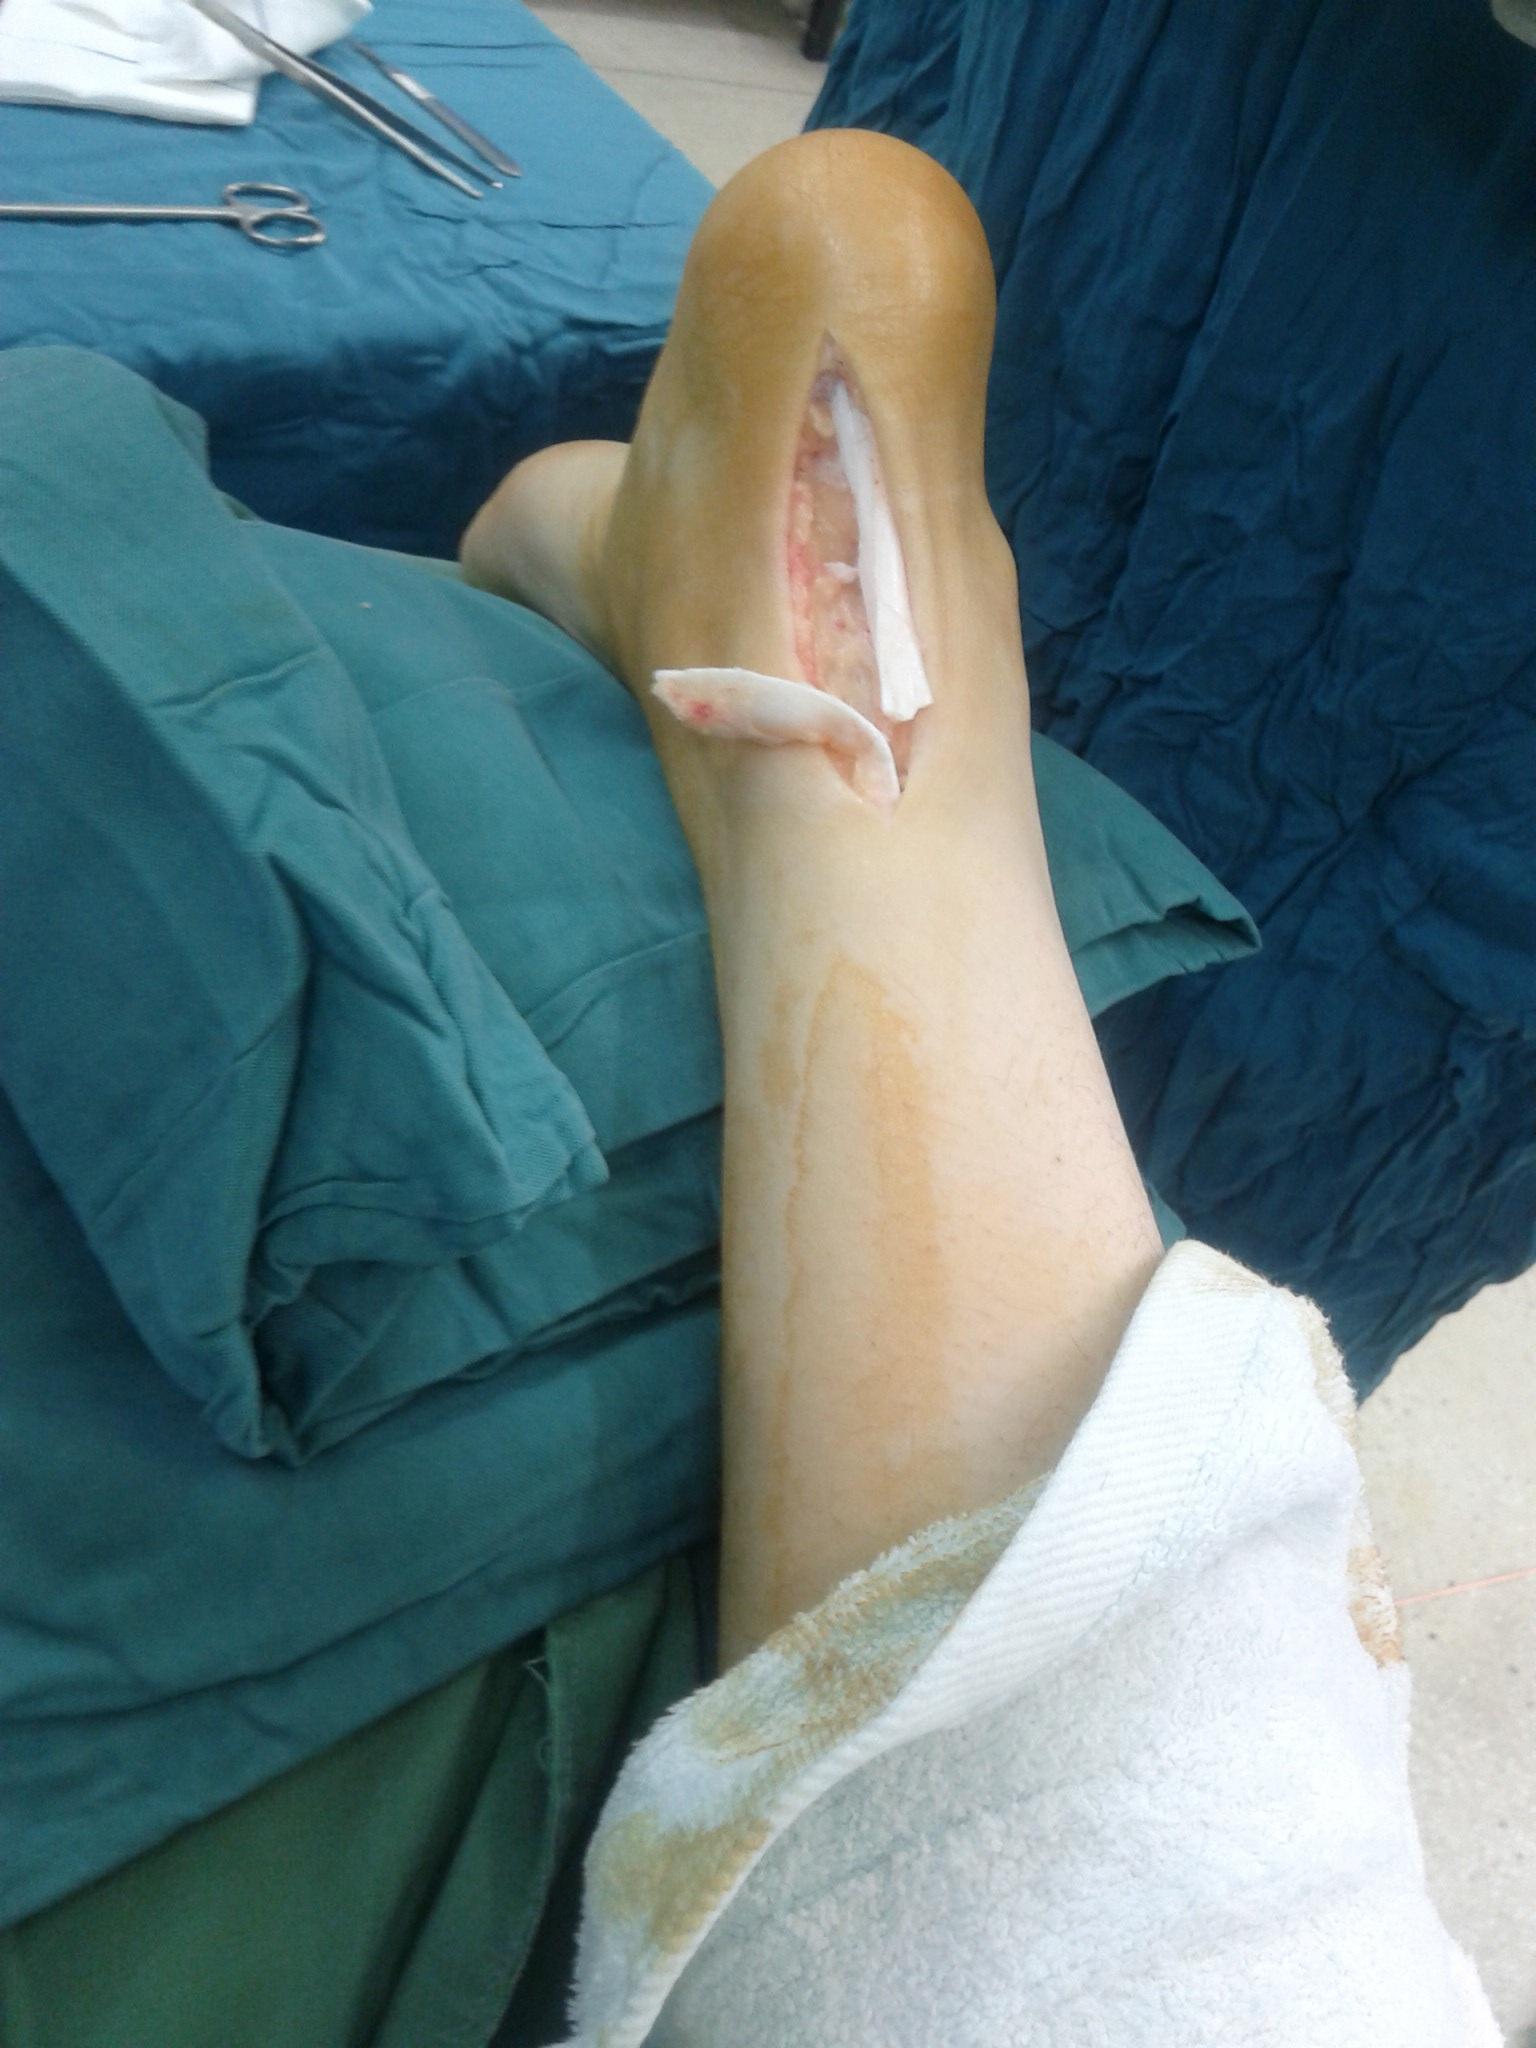 Fotos gratis : mano, pierna, dedo, medicina, brazo, músculo, cuerpo ...